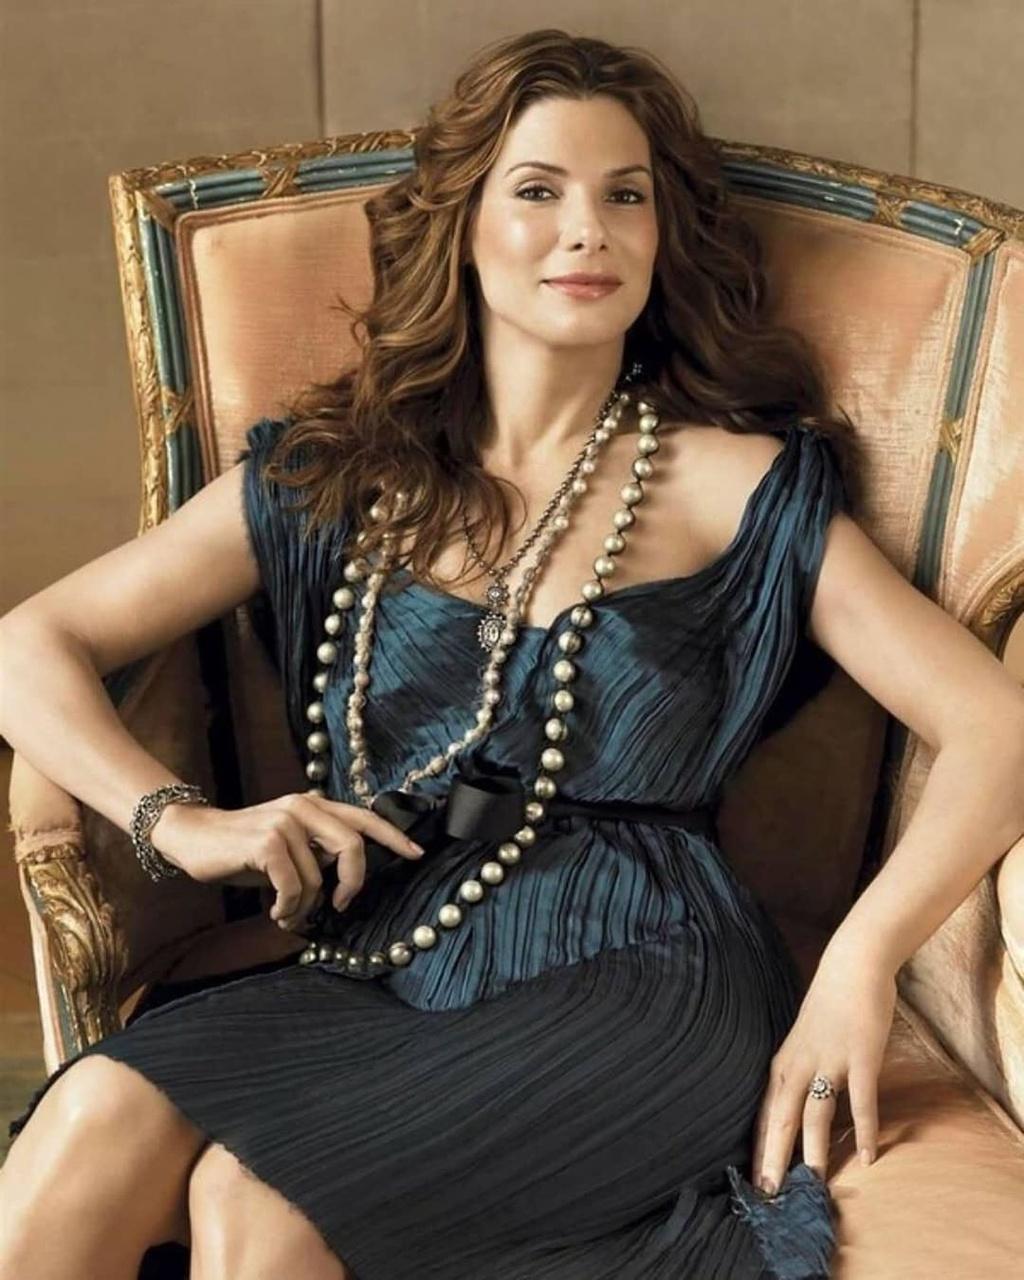 Tuổi 56 của người phụ nữ đẹp nhất thế giới